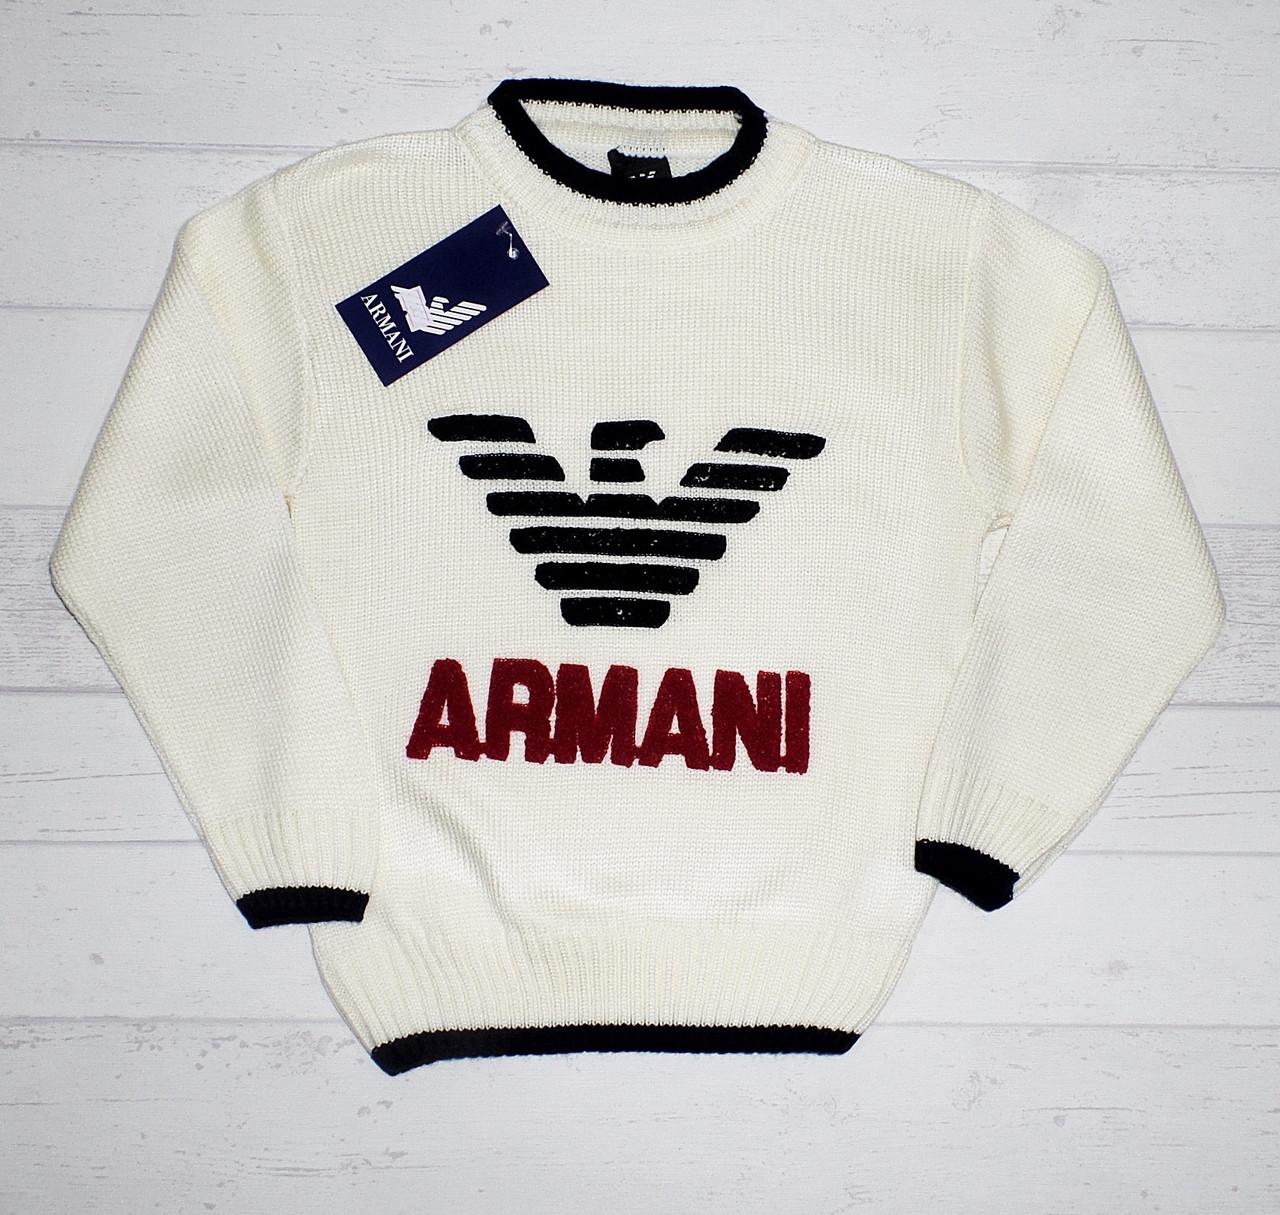 """Детский свитер для мальчика """" Армани """"  3,4,5 лет(реально 5,6,7) 5489612730320"""